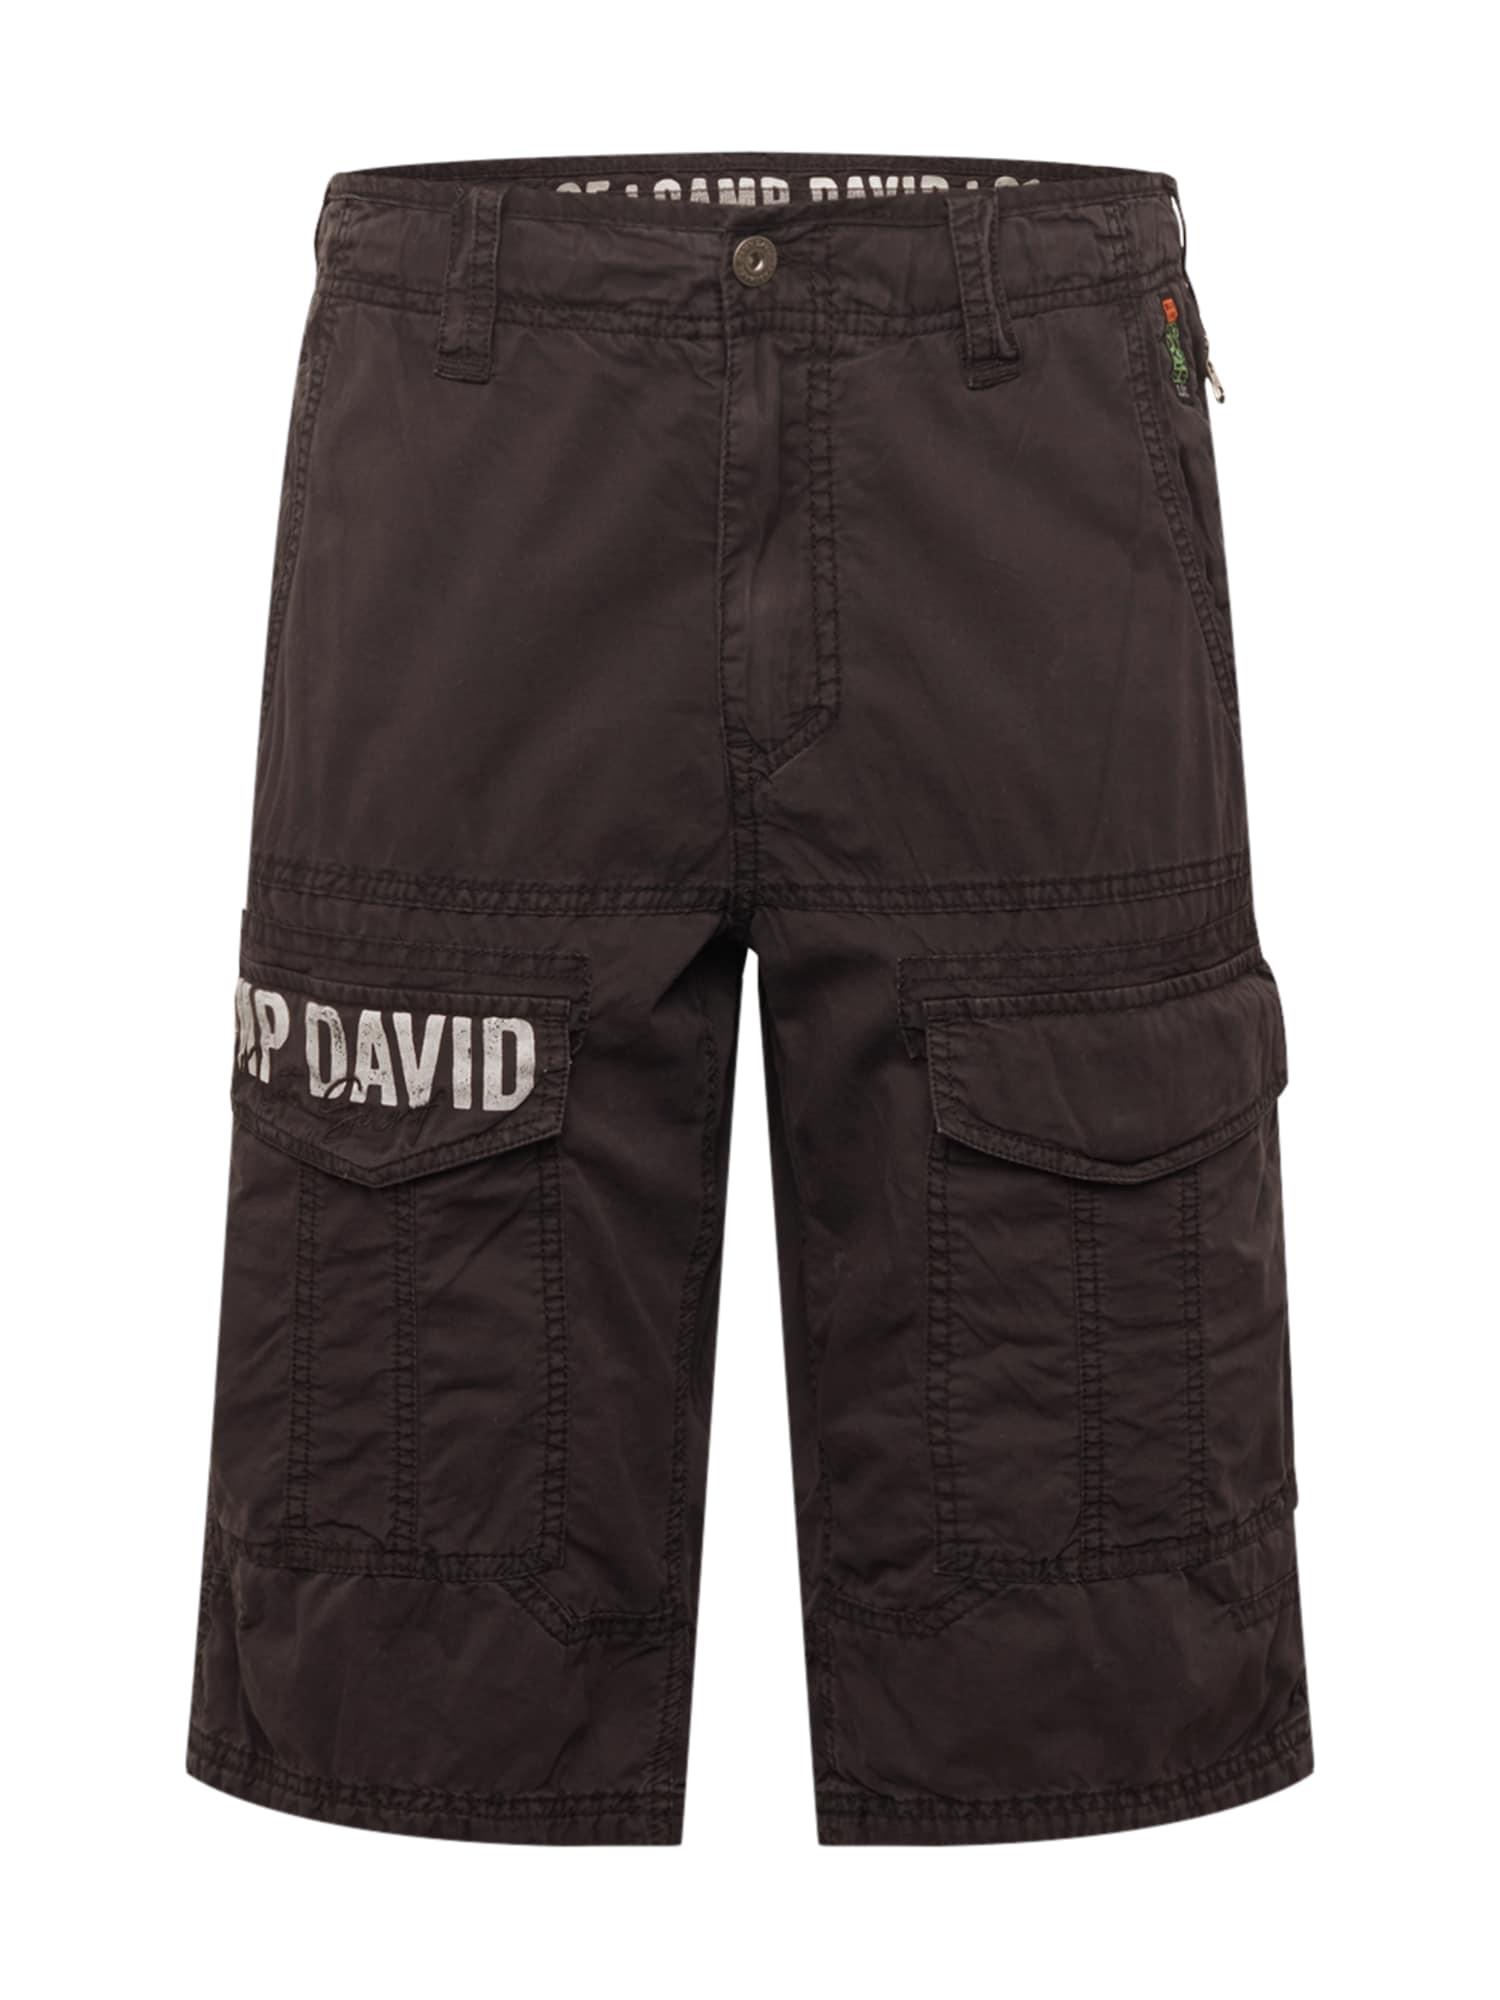 CAMP DAVID Kelnės juoda